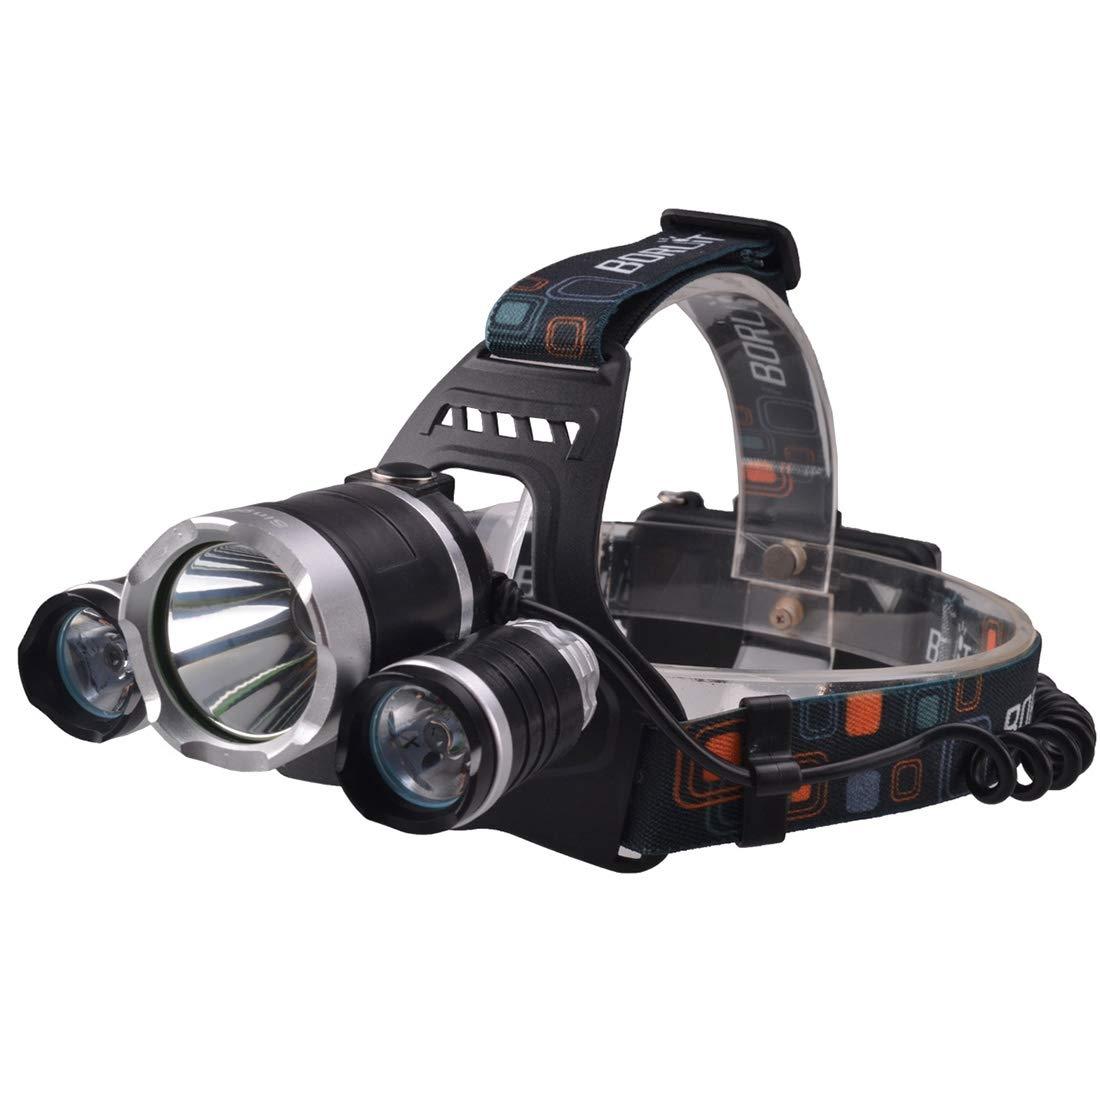 Anstorematealliance Led light LEDライトRichFire SF-555E CREE XML T6クールホワイトLEDヘッドライト、ハイ/ミドル/ロー/ストロボモード付き3 LED 2250 LM、ヘッドバンド長:40cm(ブラック+シルバー) B07QVBX1FC